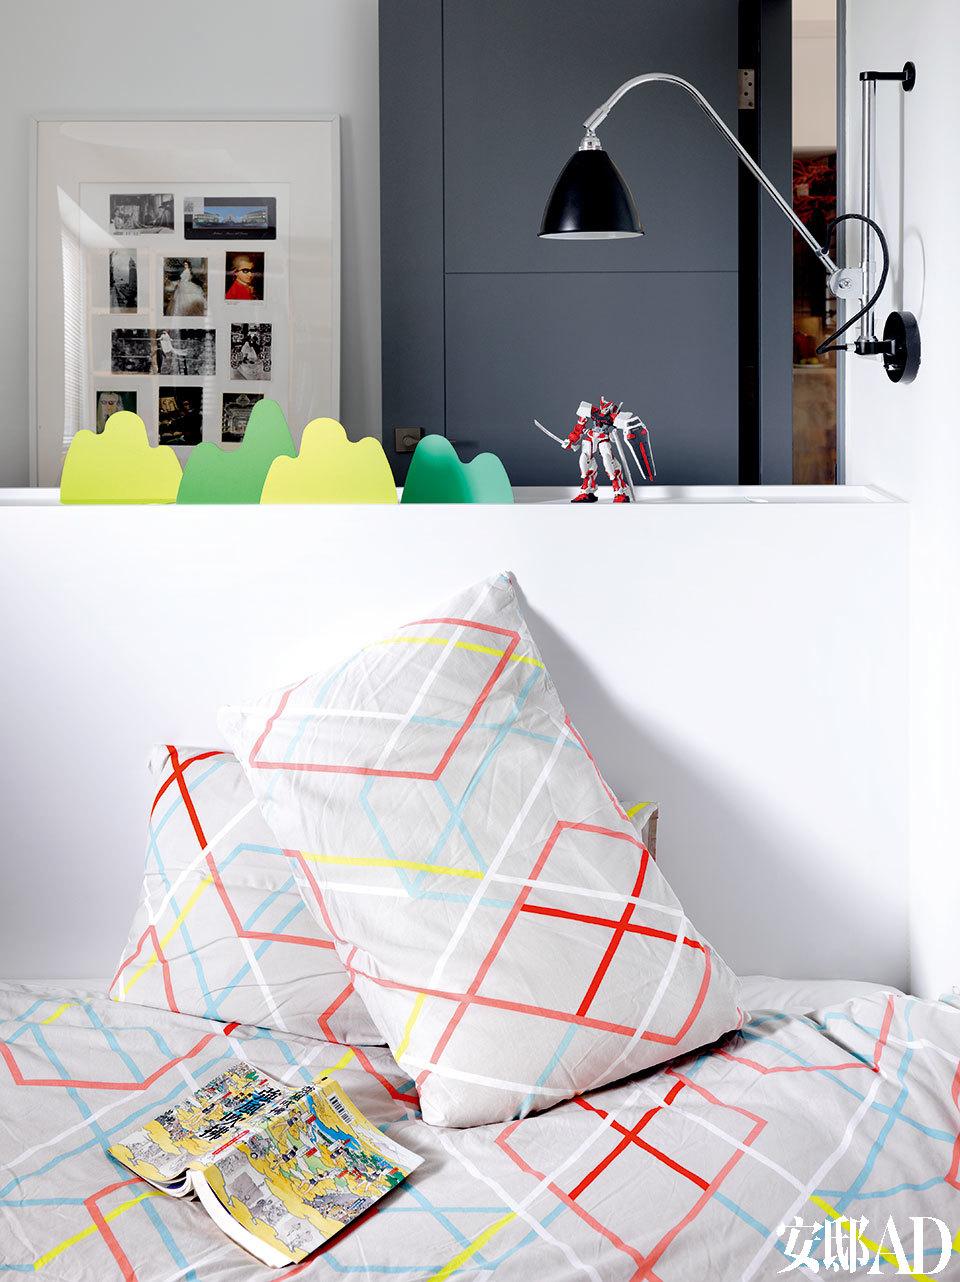 """从另一个角度看卧室,黑色床头壁灯来自Gubi,是Robert Dudley Best在1930年推出的设计作品。远处门边放置的板框内就贴着Pili在维也纳实习期间寄回家的经过了他""""加工""""的明信片们。"""